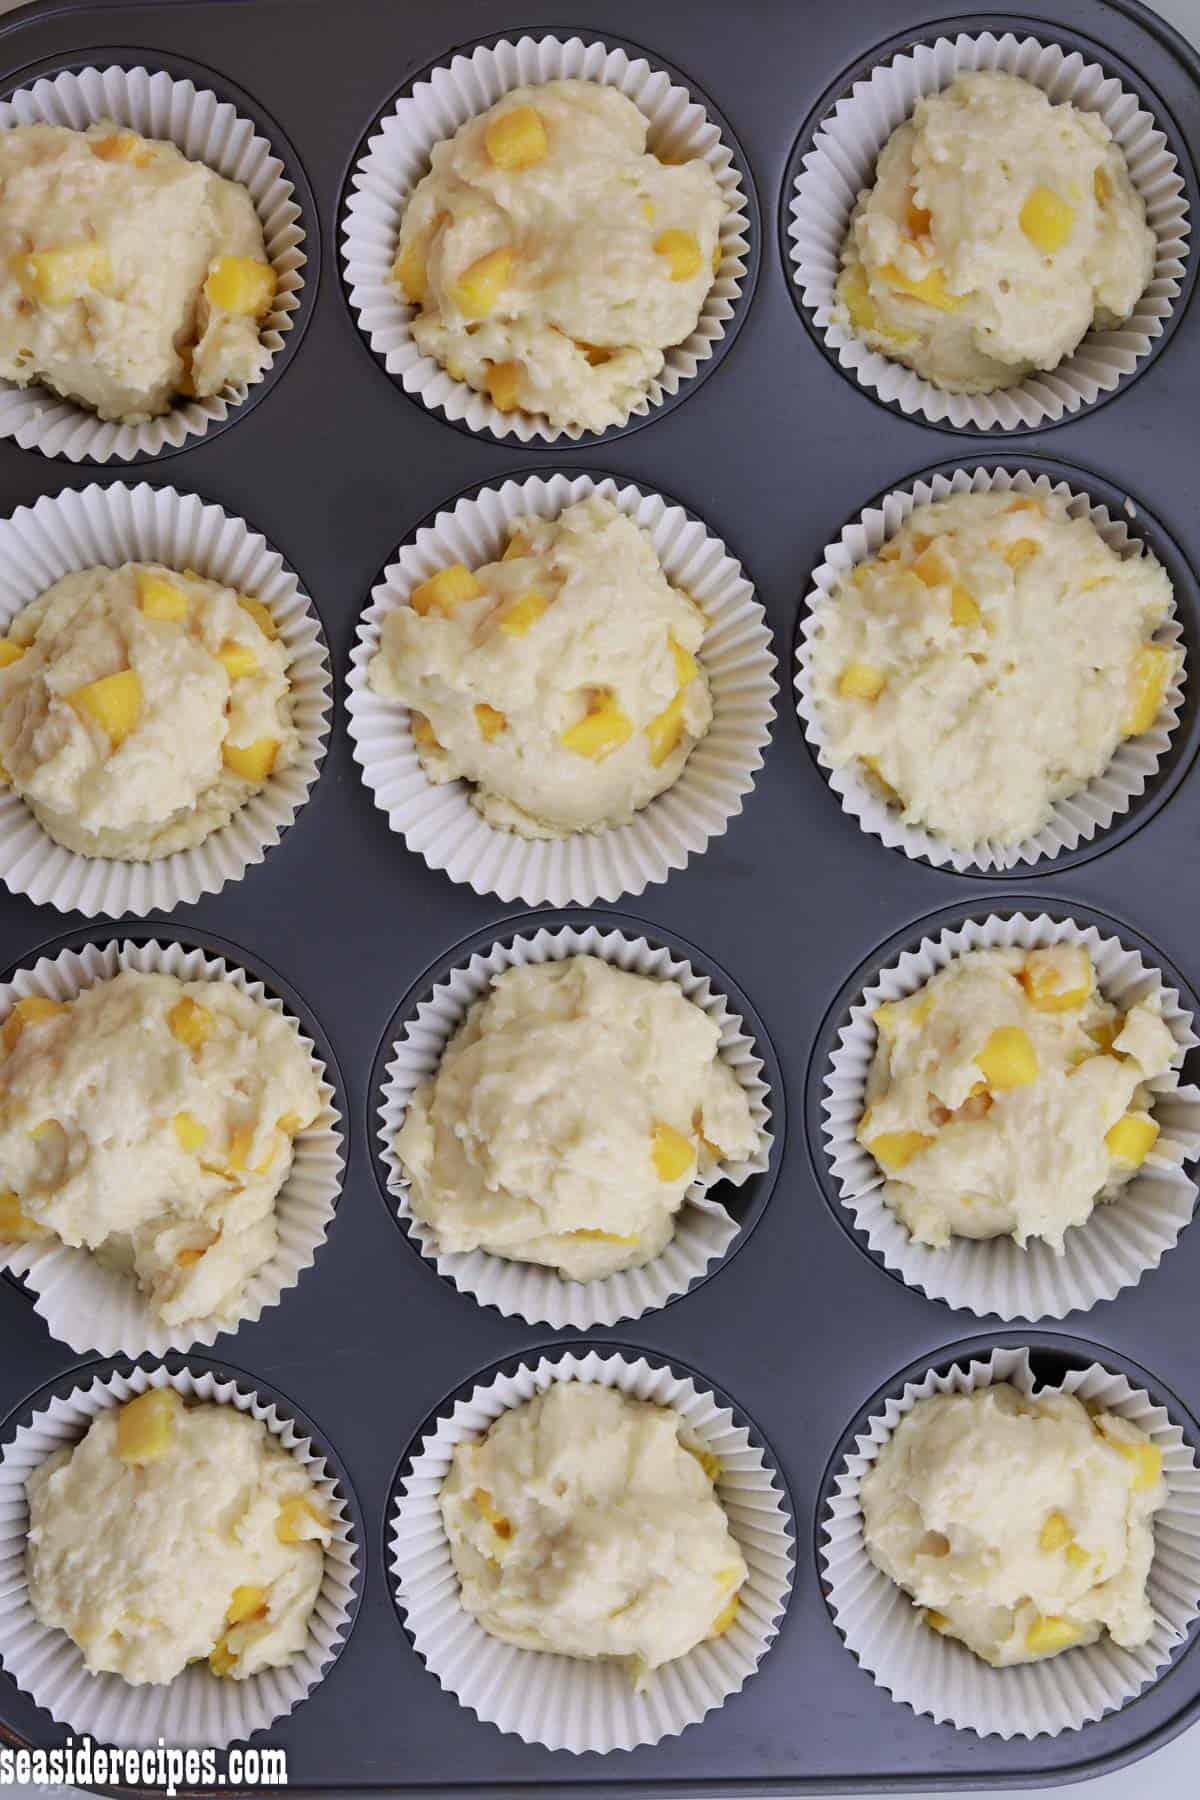 mango muffins batter on muffin tray